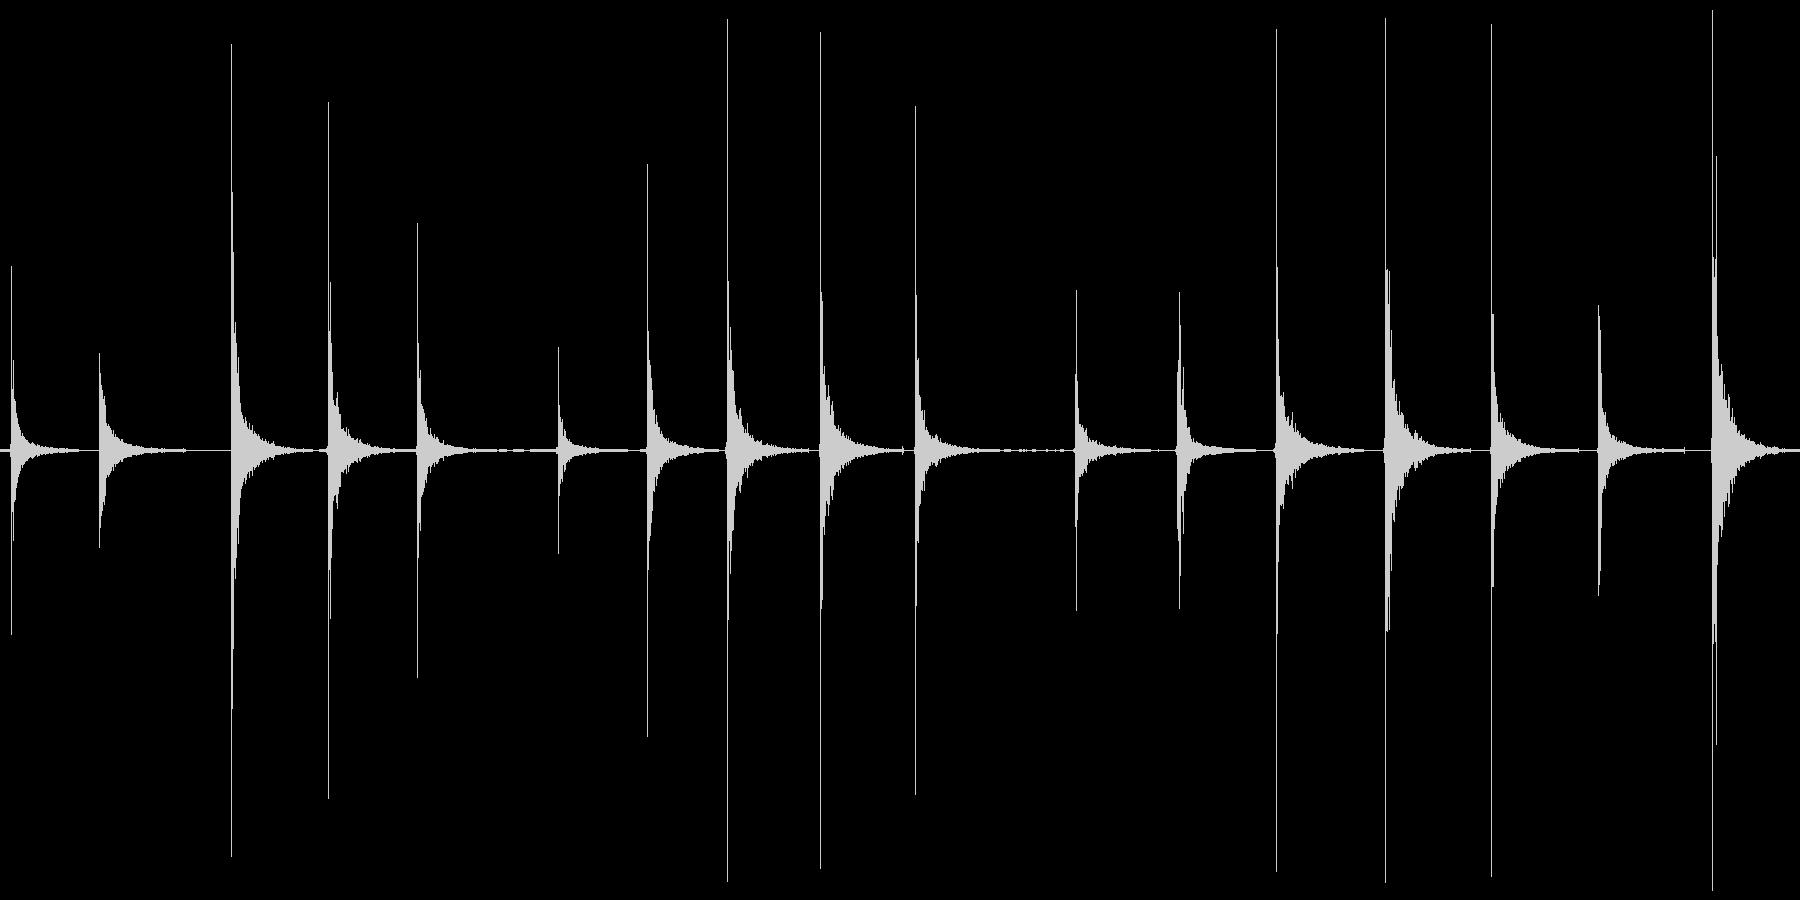 カーン カツッ という足音をひたすら収録の未再生の波形